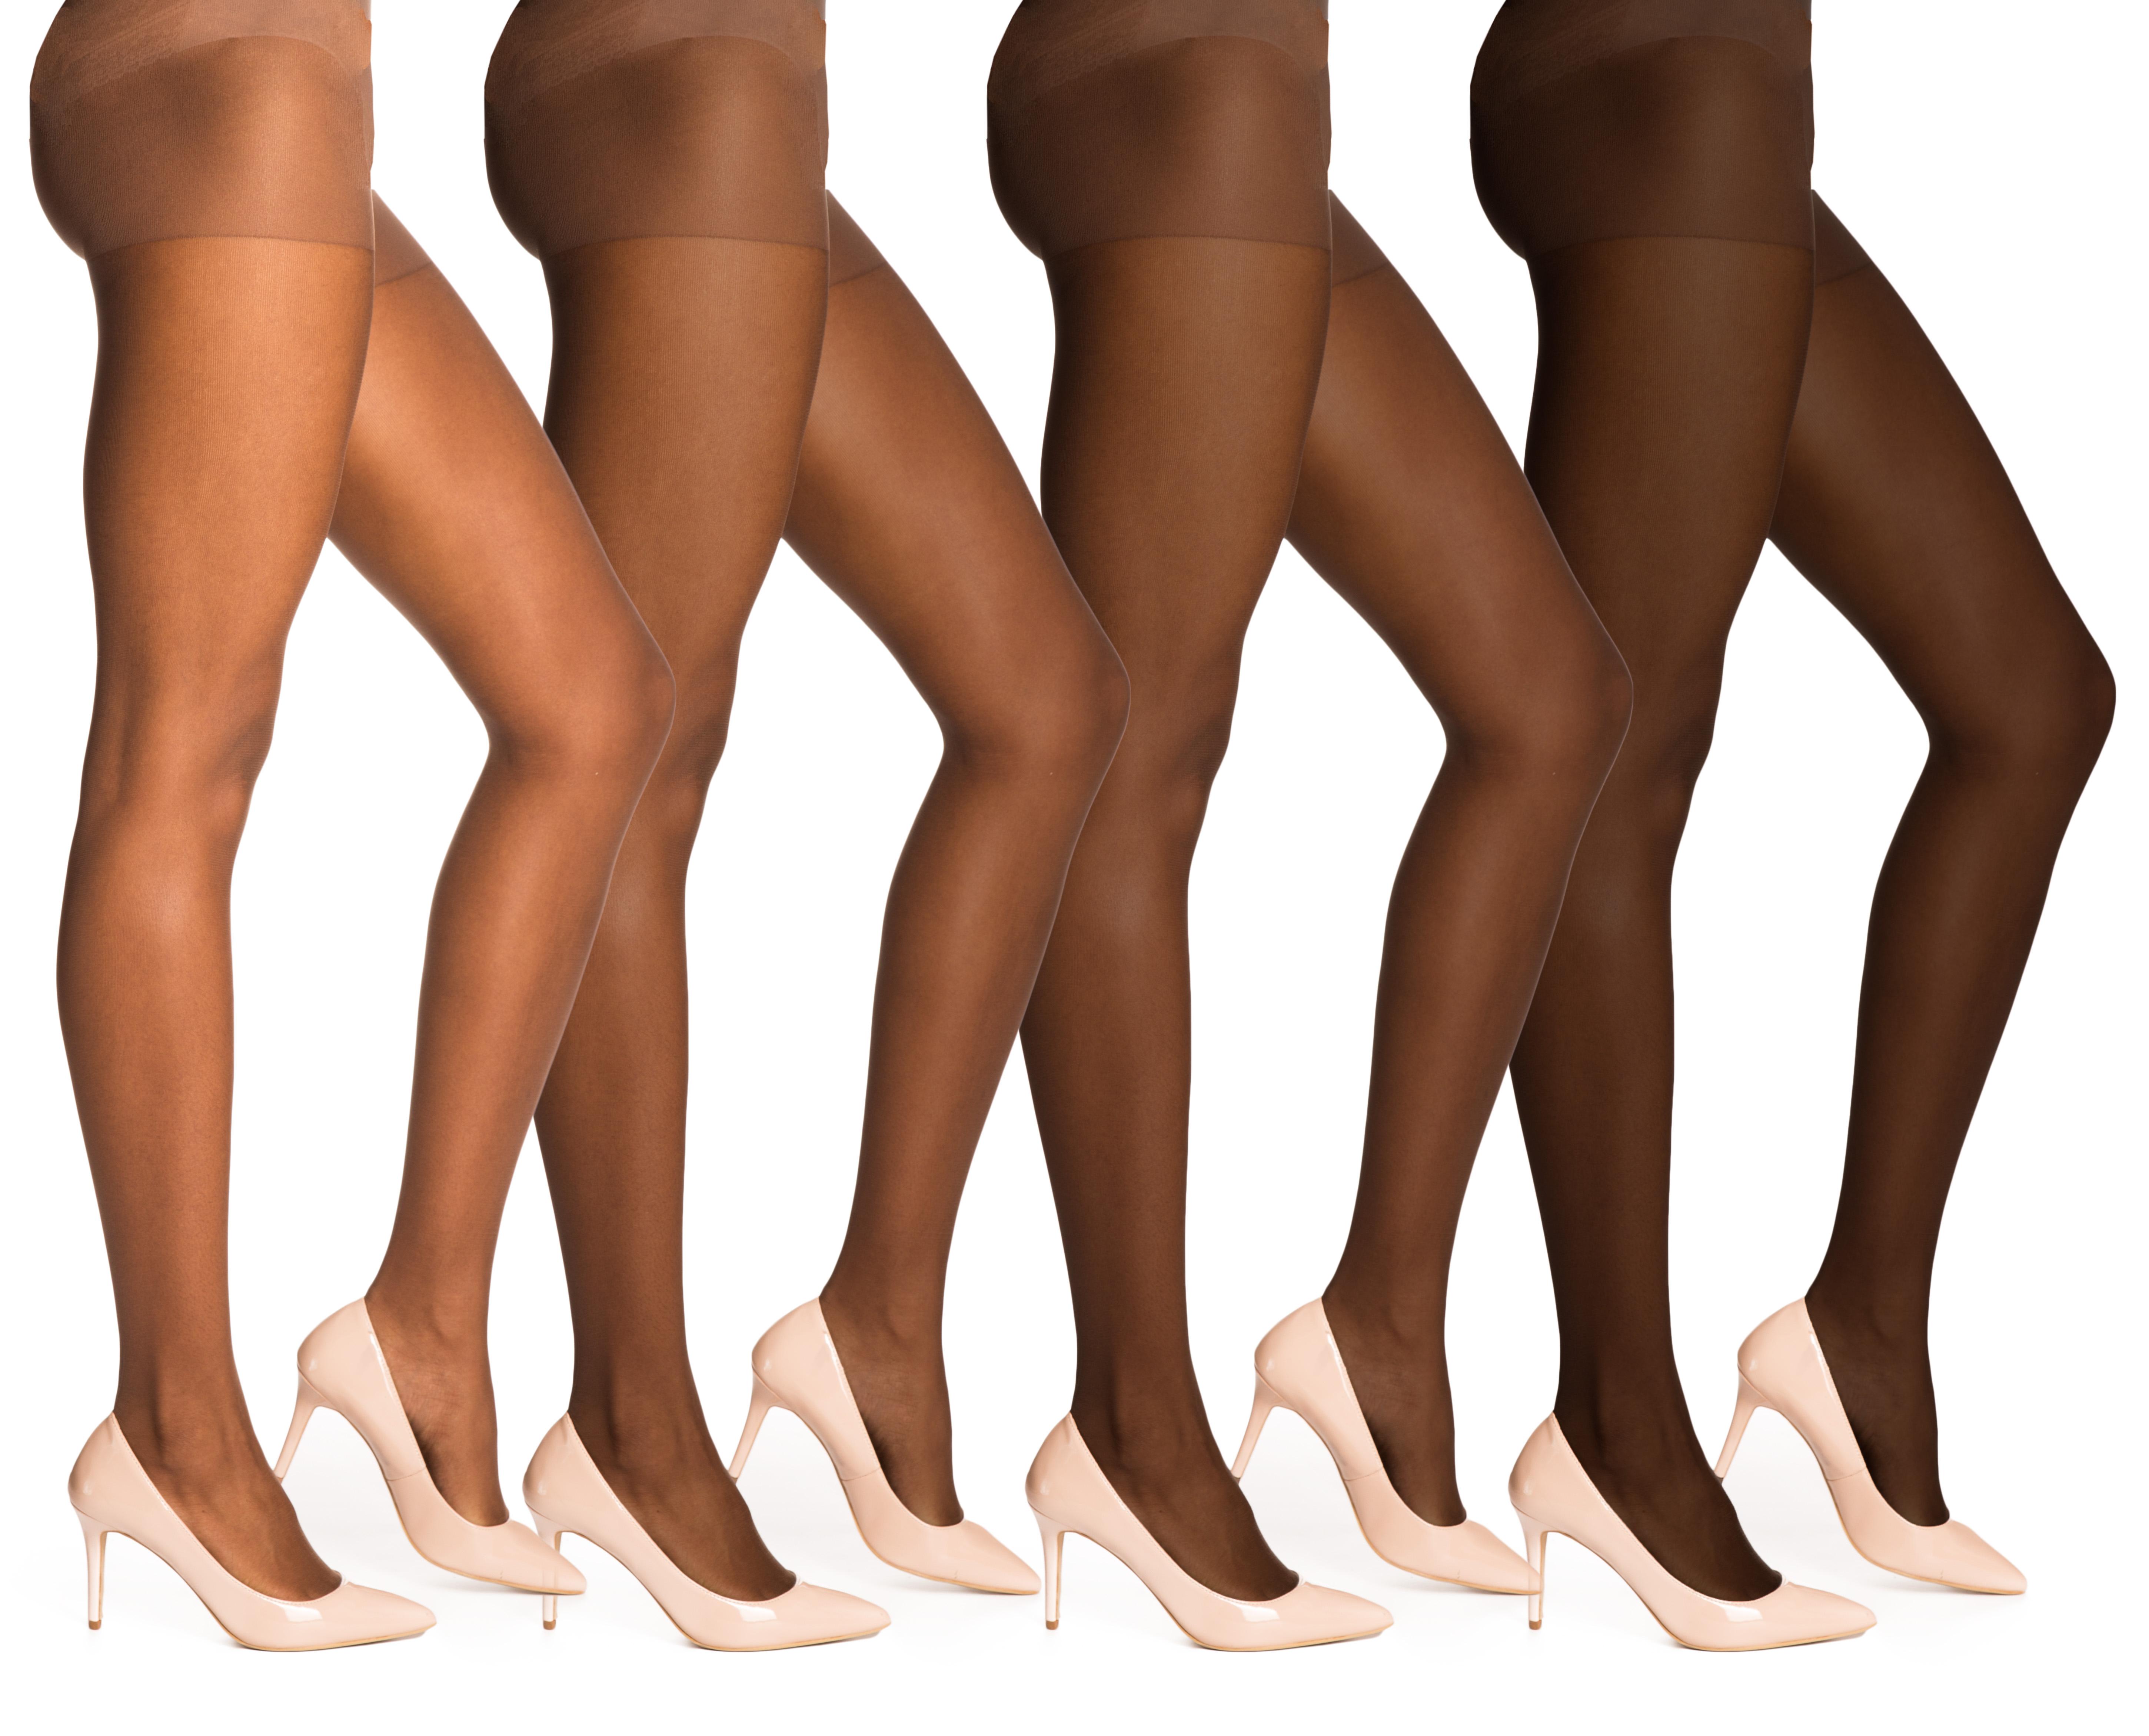 مثير لامعة الجوارب لون البشرة ألوان جوارب طويلة من النايلون جوارب 15d اللاتينية ألوان البشرة اضافية كبيرة النساء جوارب طويلة Oem أفضل بائع Buy شير الجلد لهجة الجوارب عارية اضافية